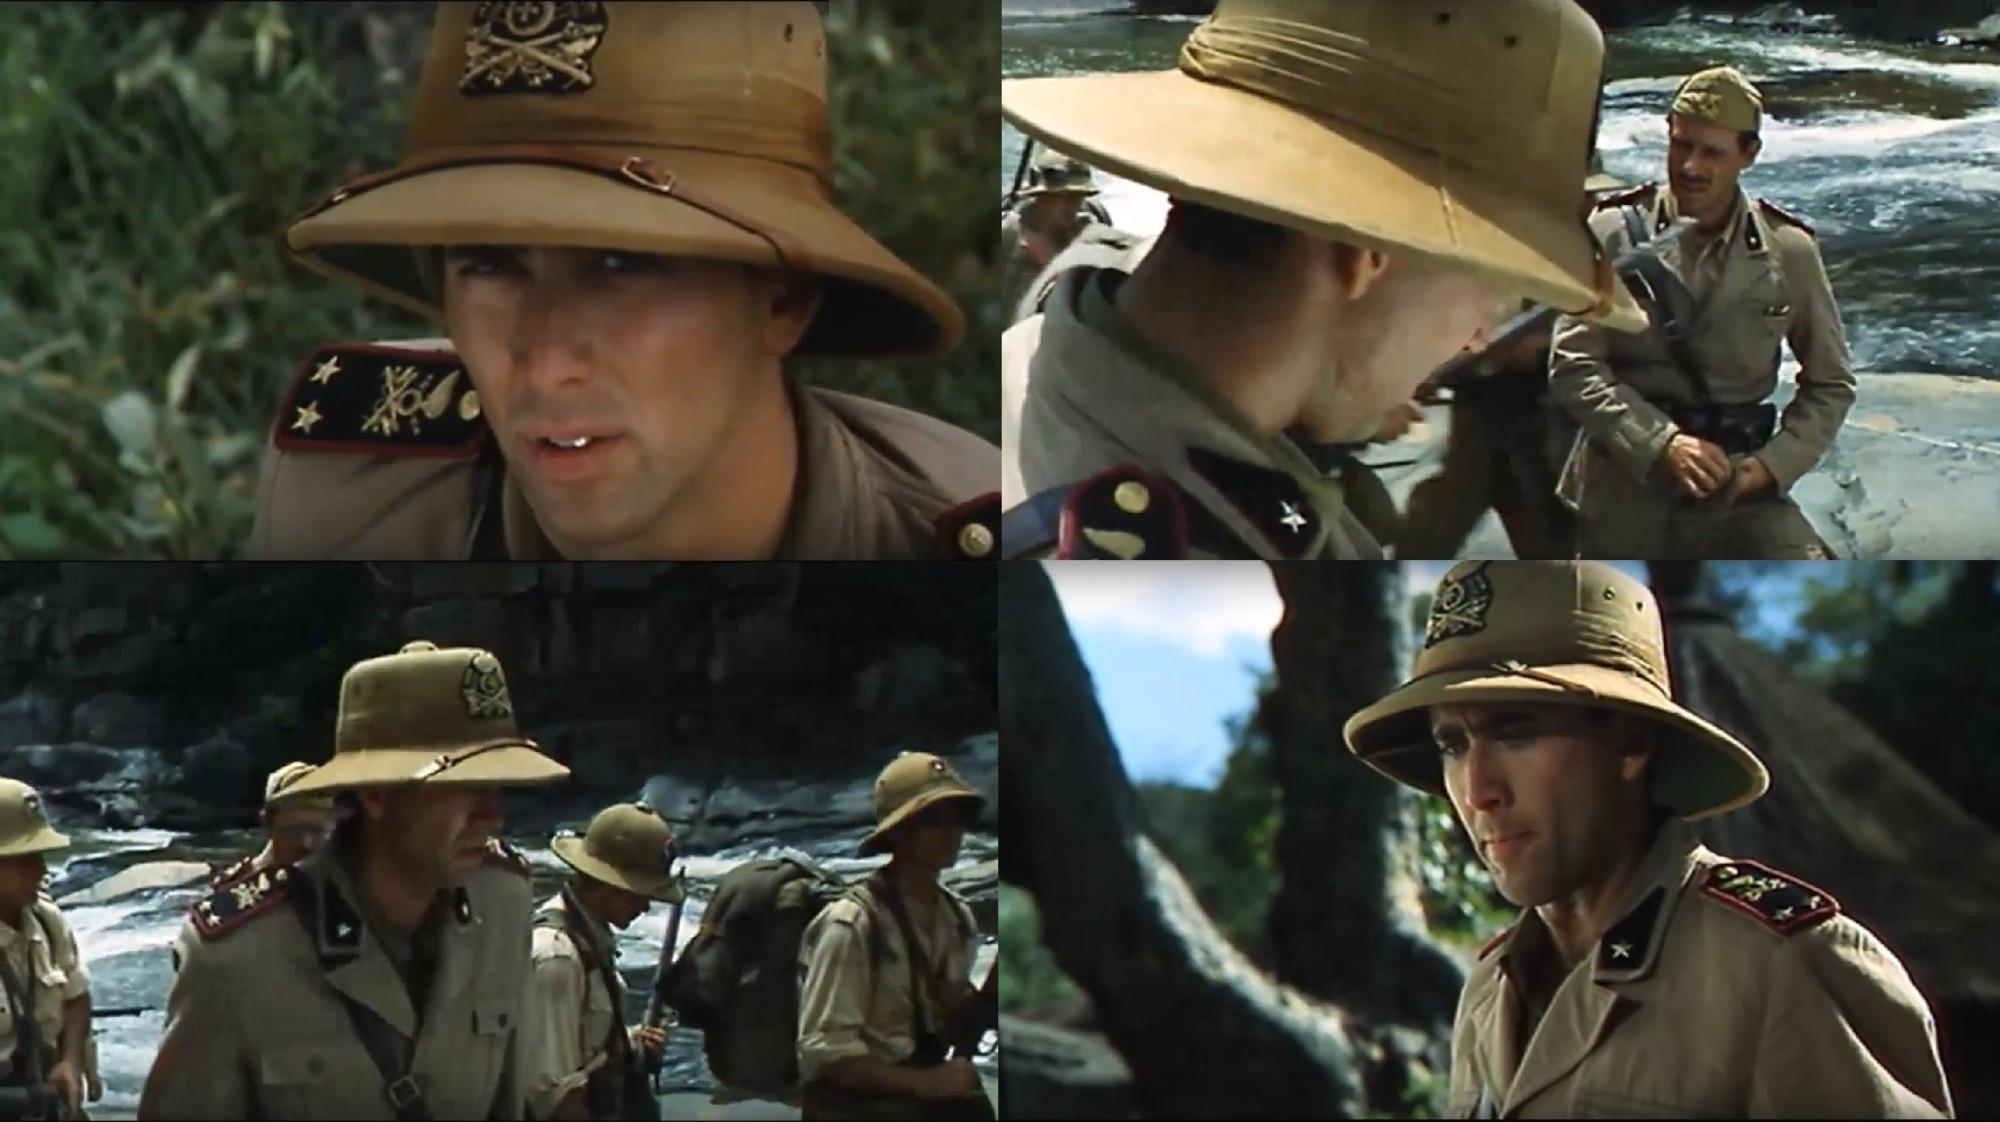 На шлеме хорошо видна полная эмблема телеграфистов, на пилотке и погонах она упрощенная.